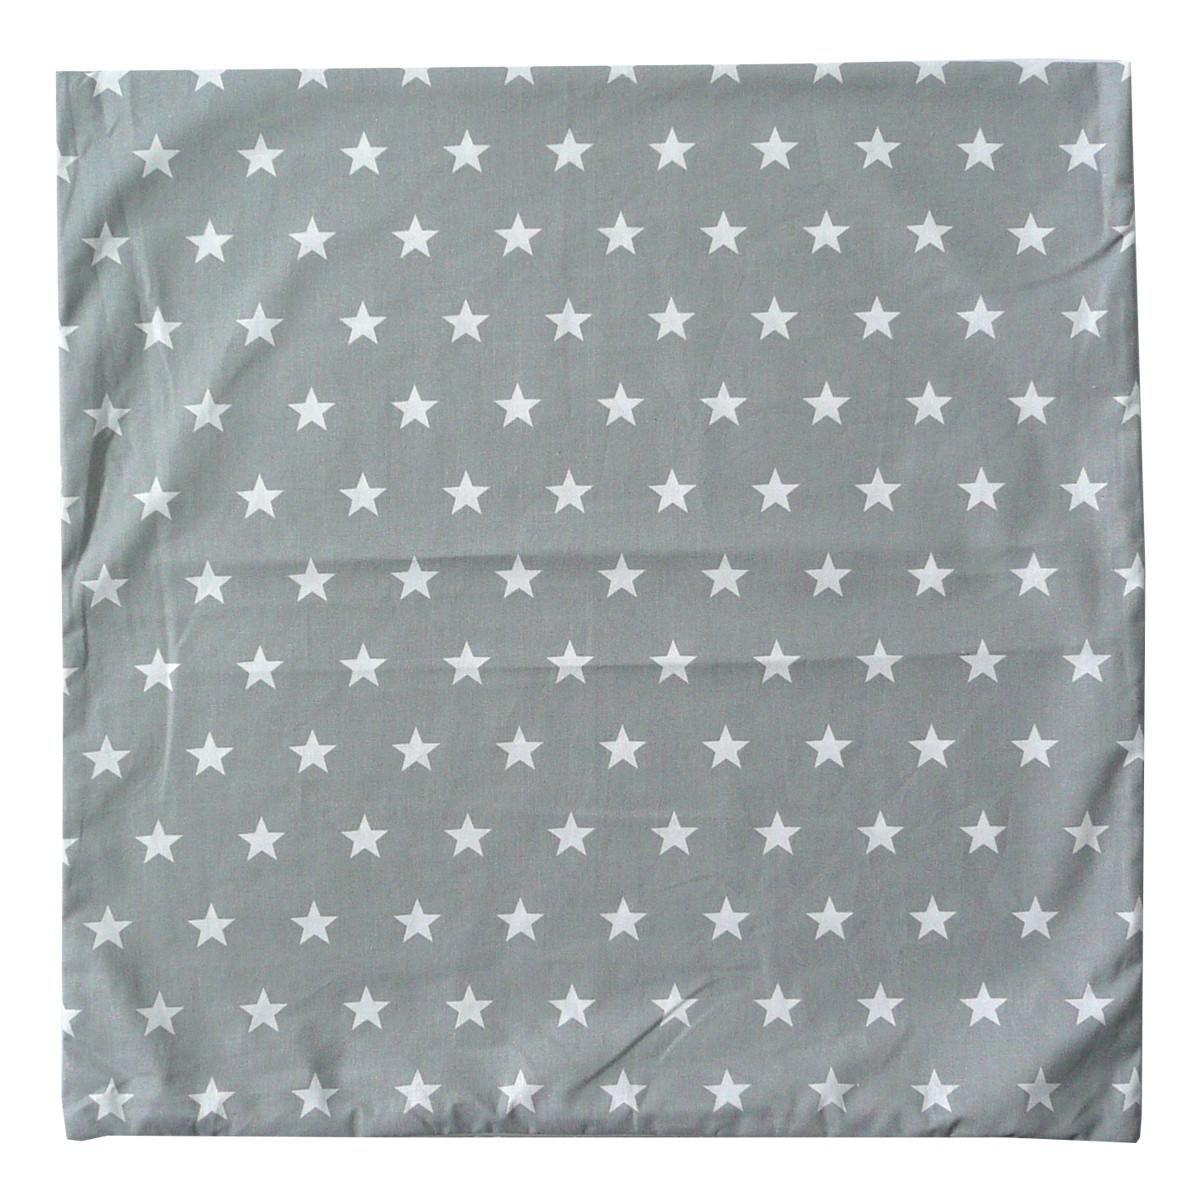 sch ner leben kissenh lle grau sterne wei 50x50cm farbwelten pastellt ne. Black Bedroom Furniture Sets. Home Design Ideas